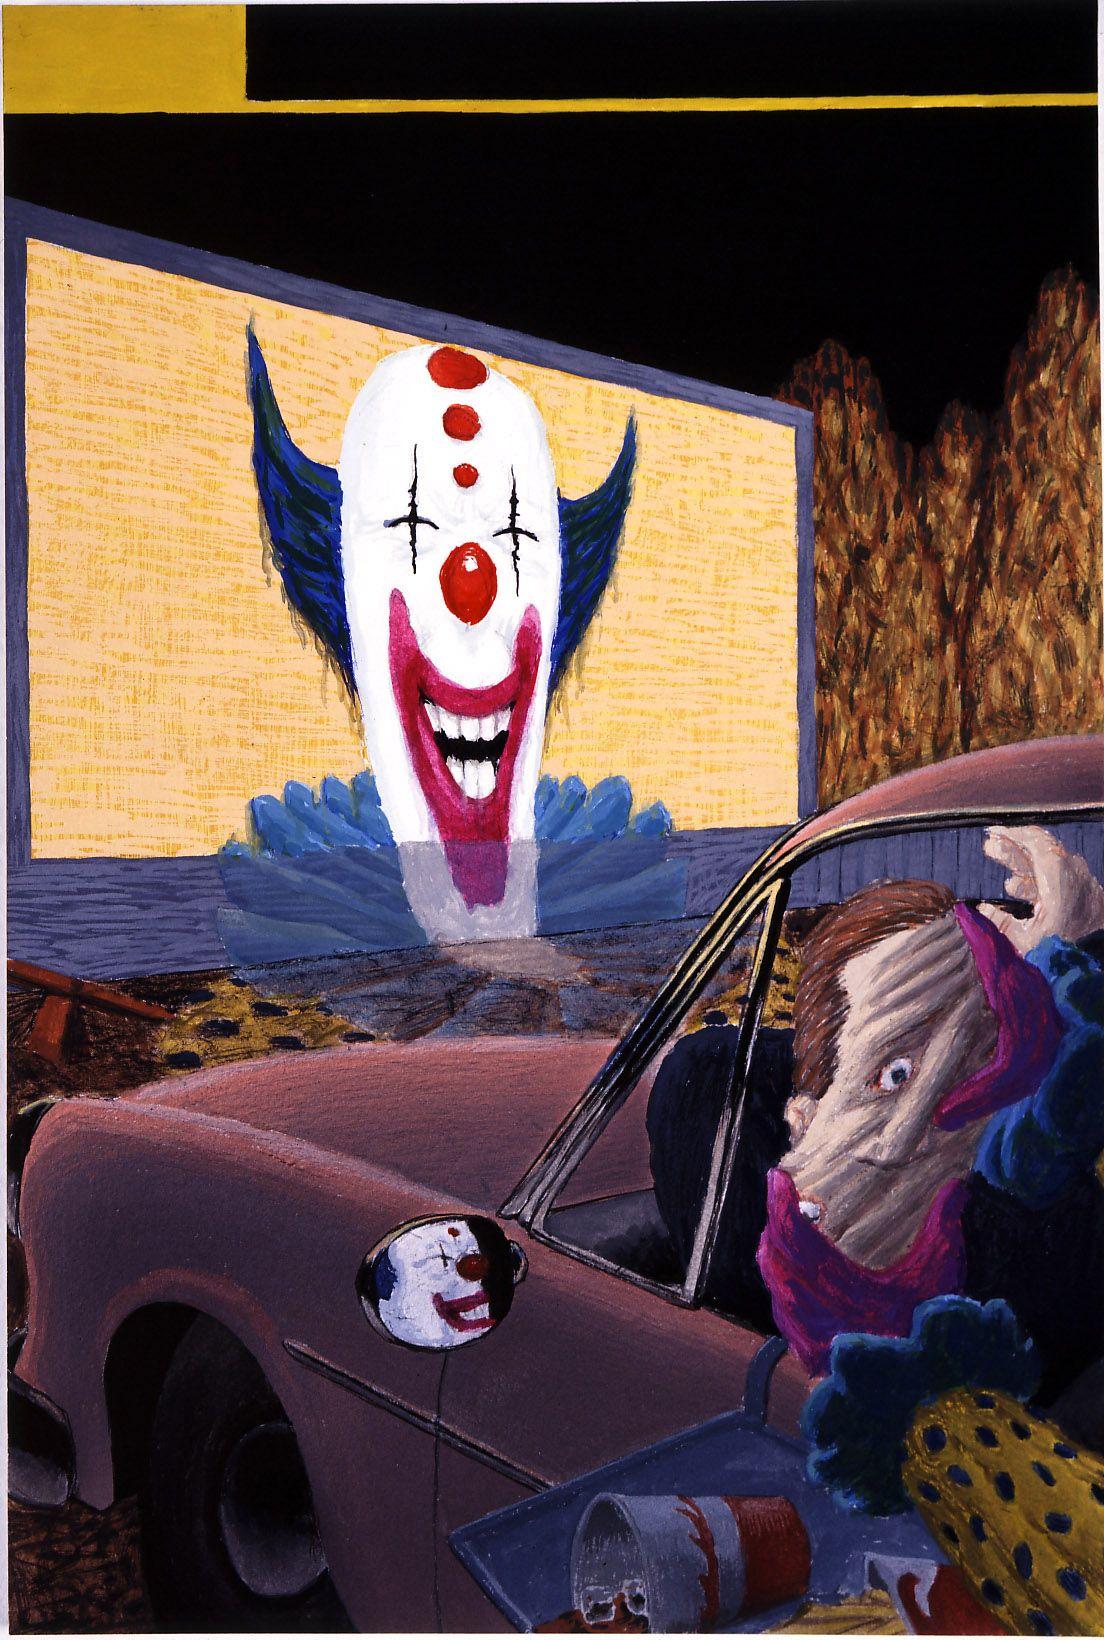 last text clown